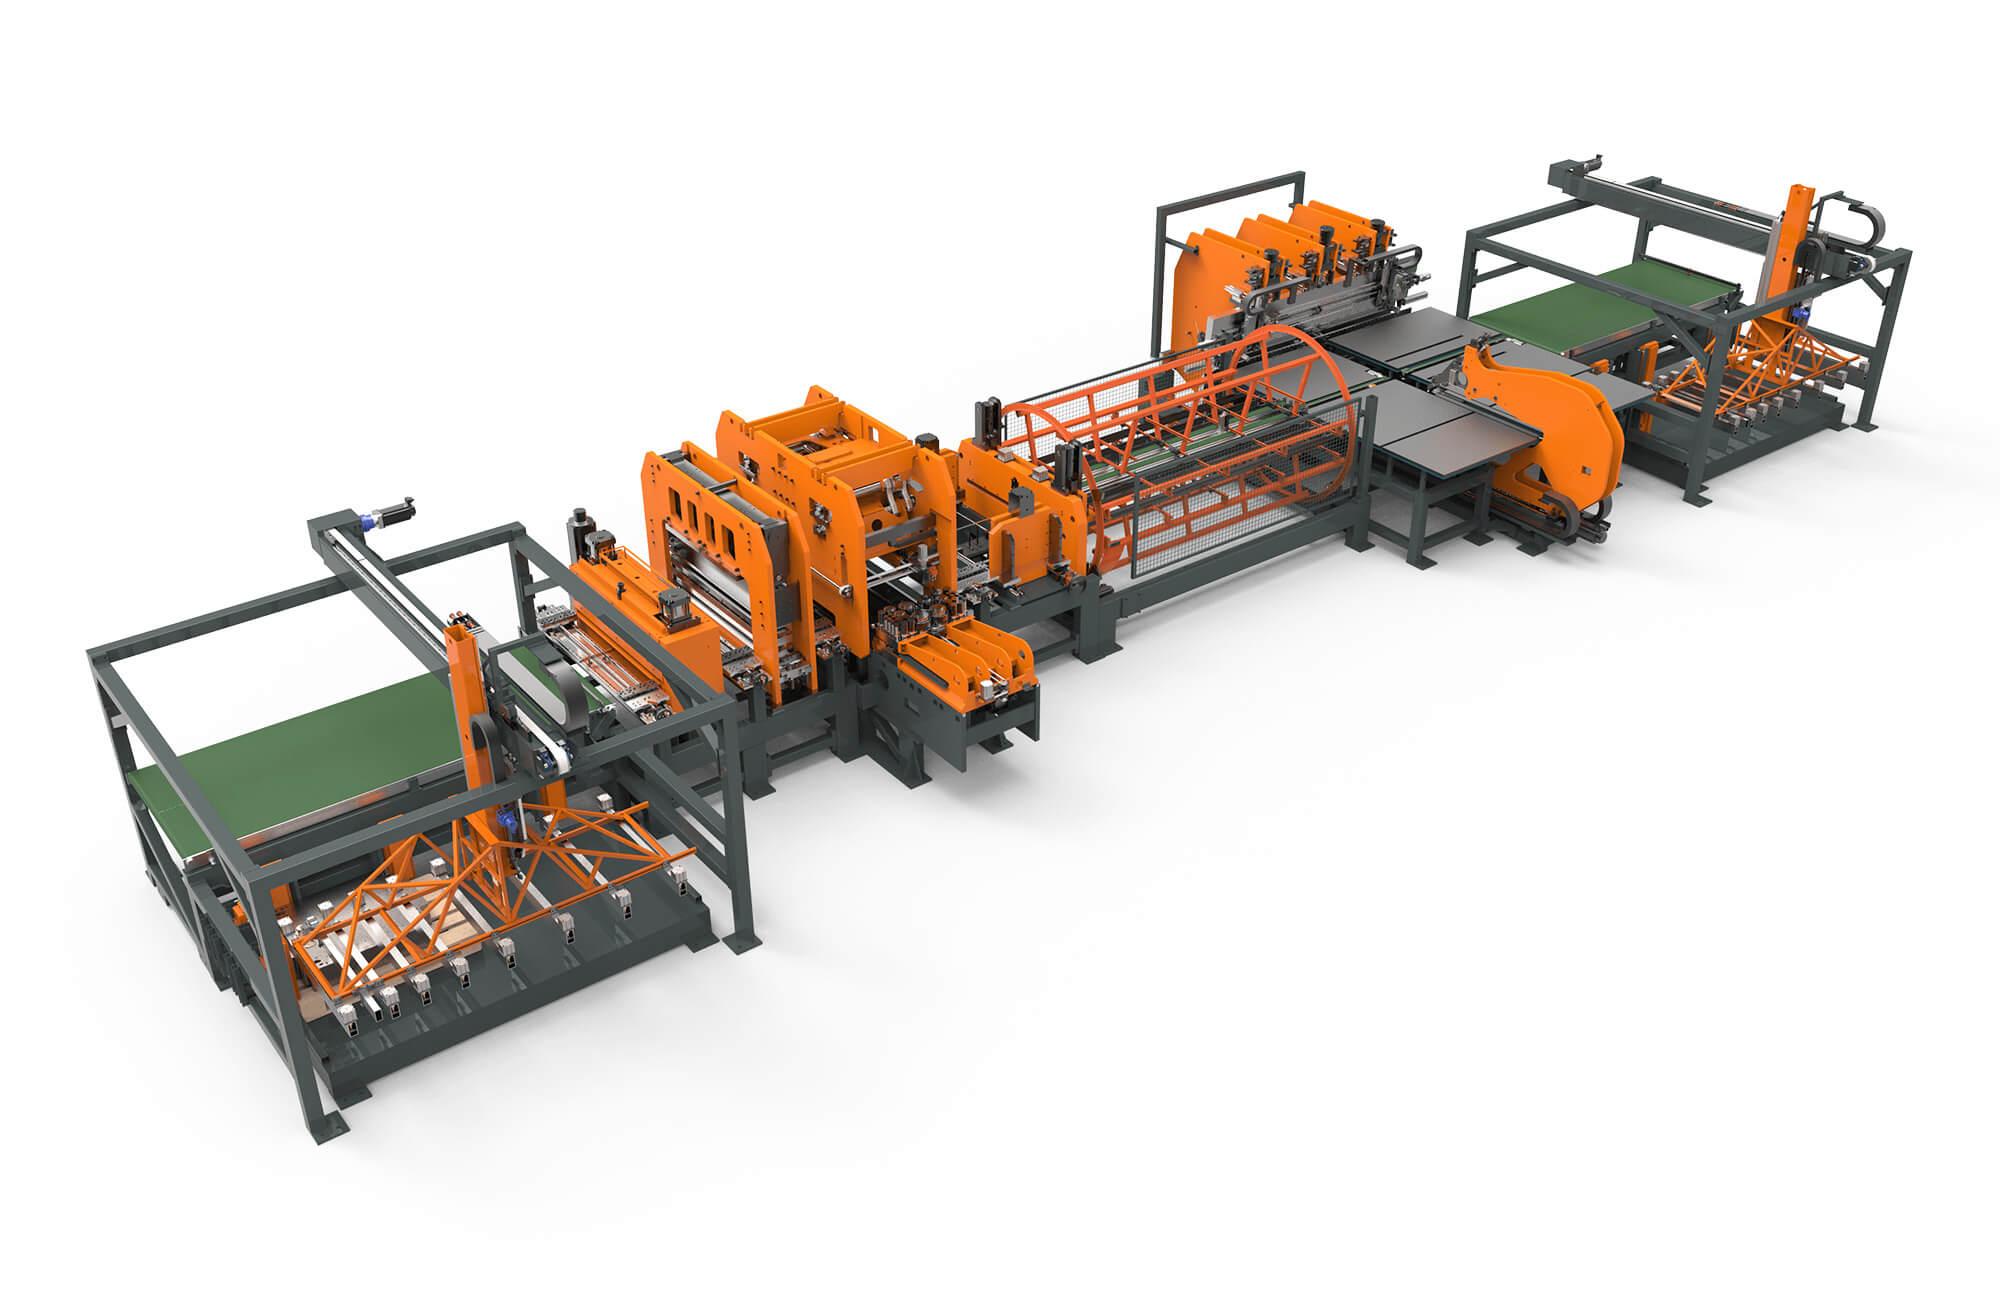 WEMO productielijn afbeelding met plaatponsen